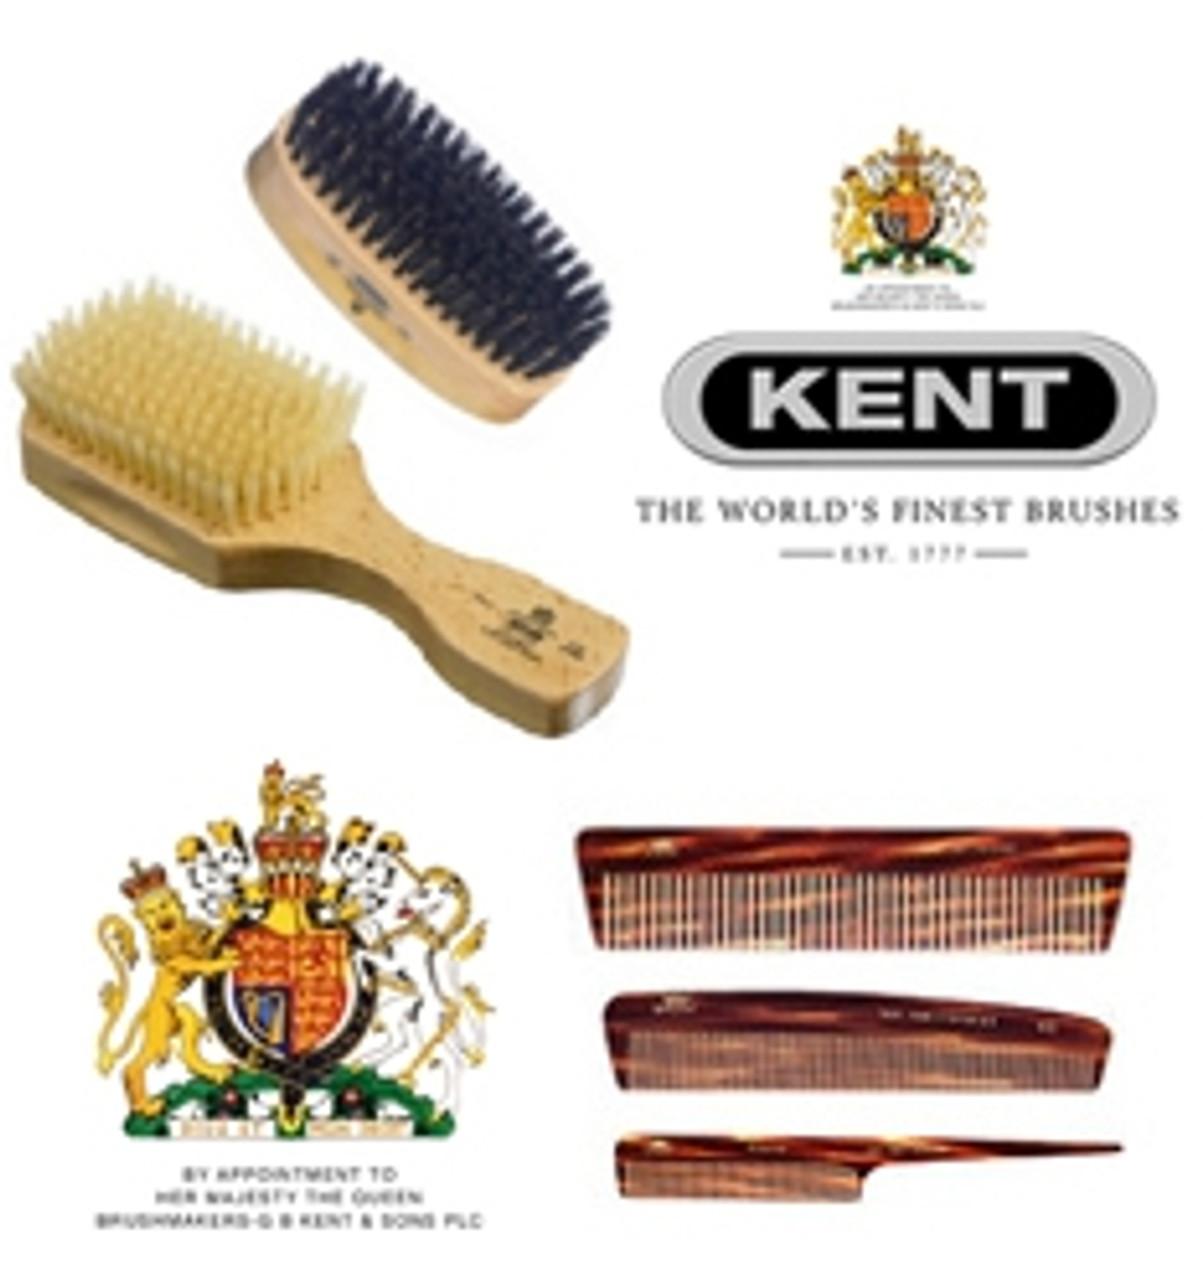 Kent Combs & Hair Brushes